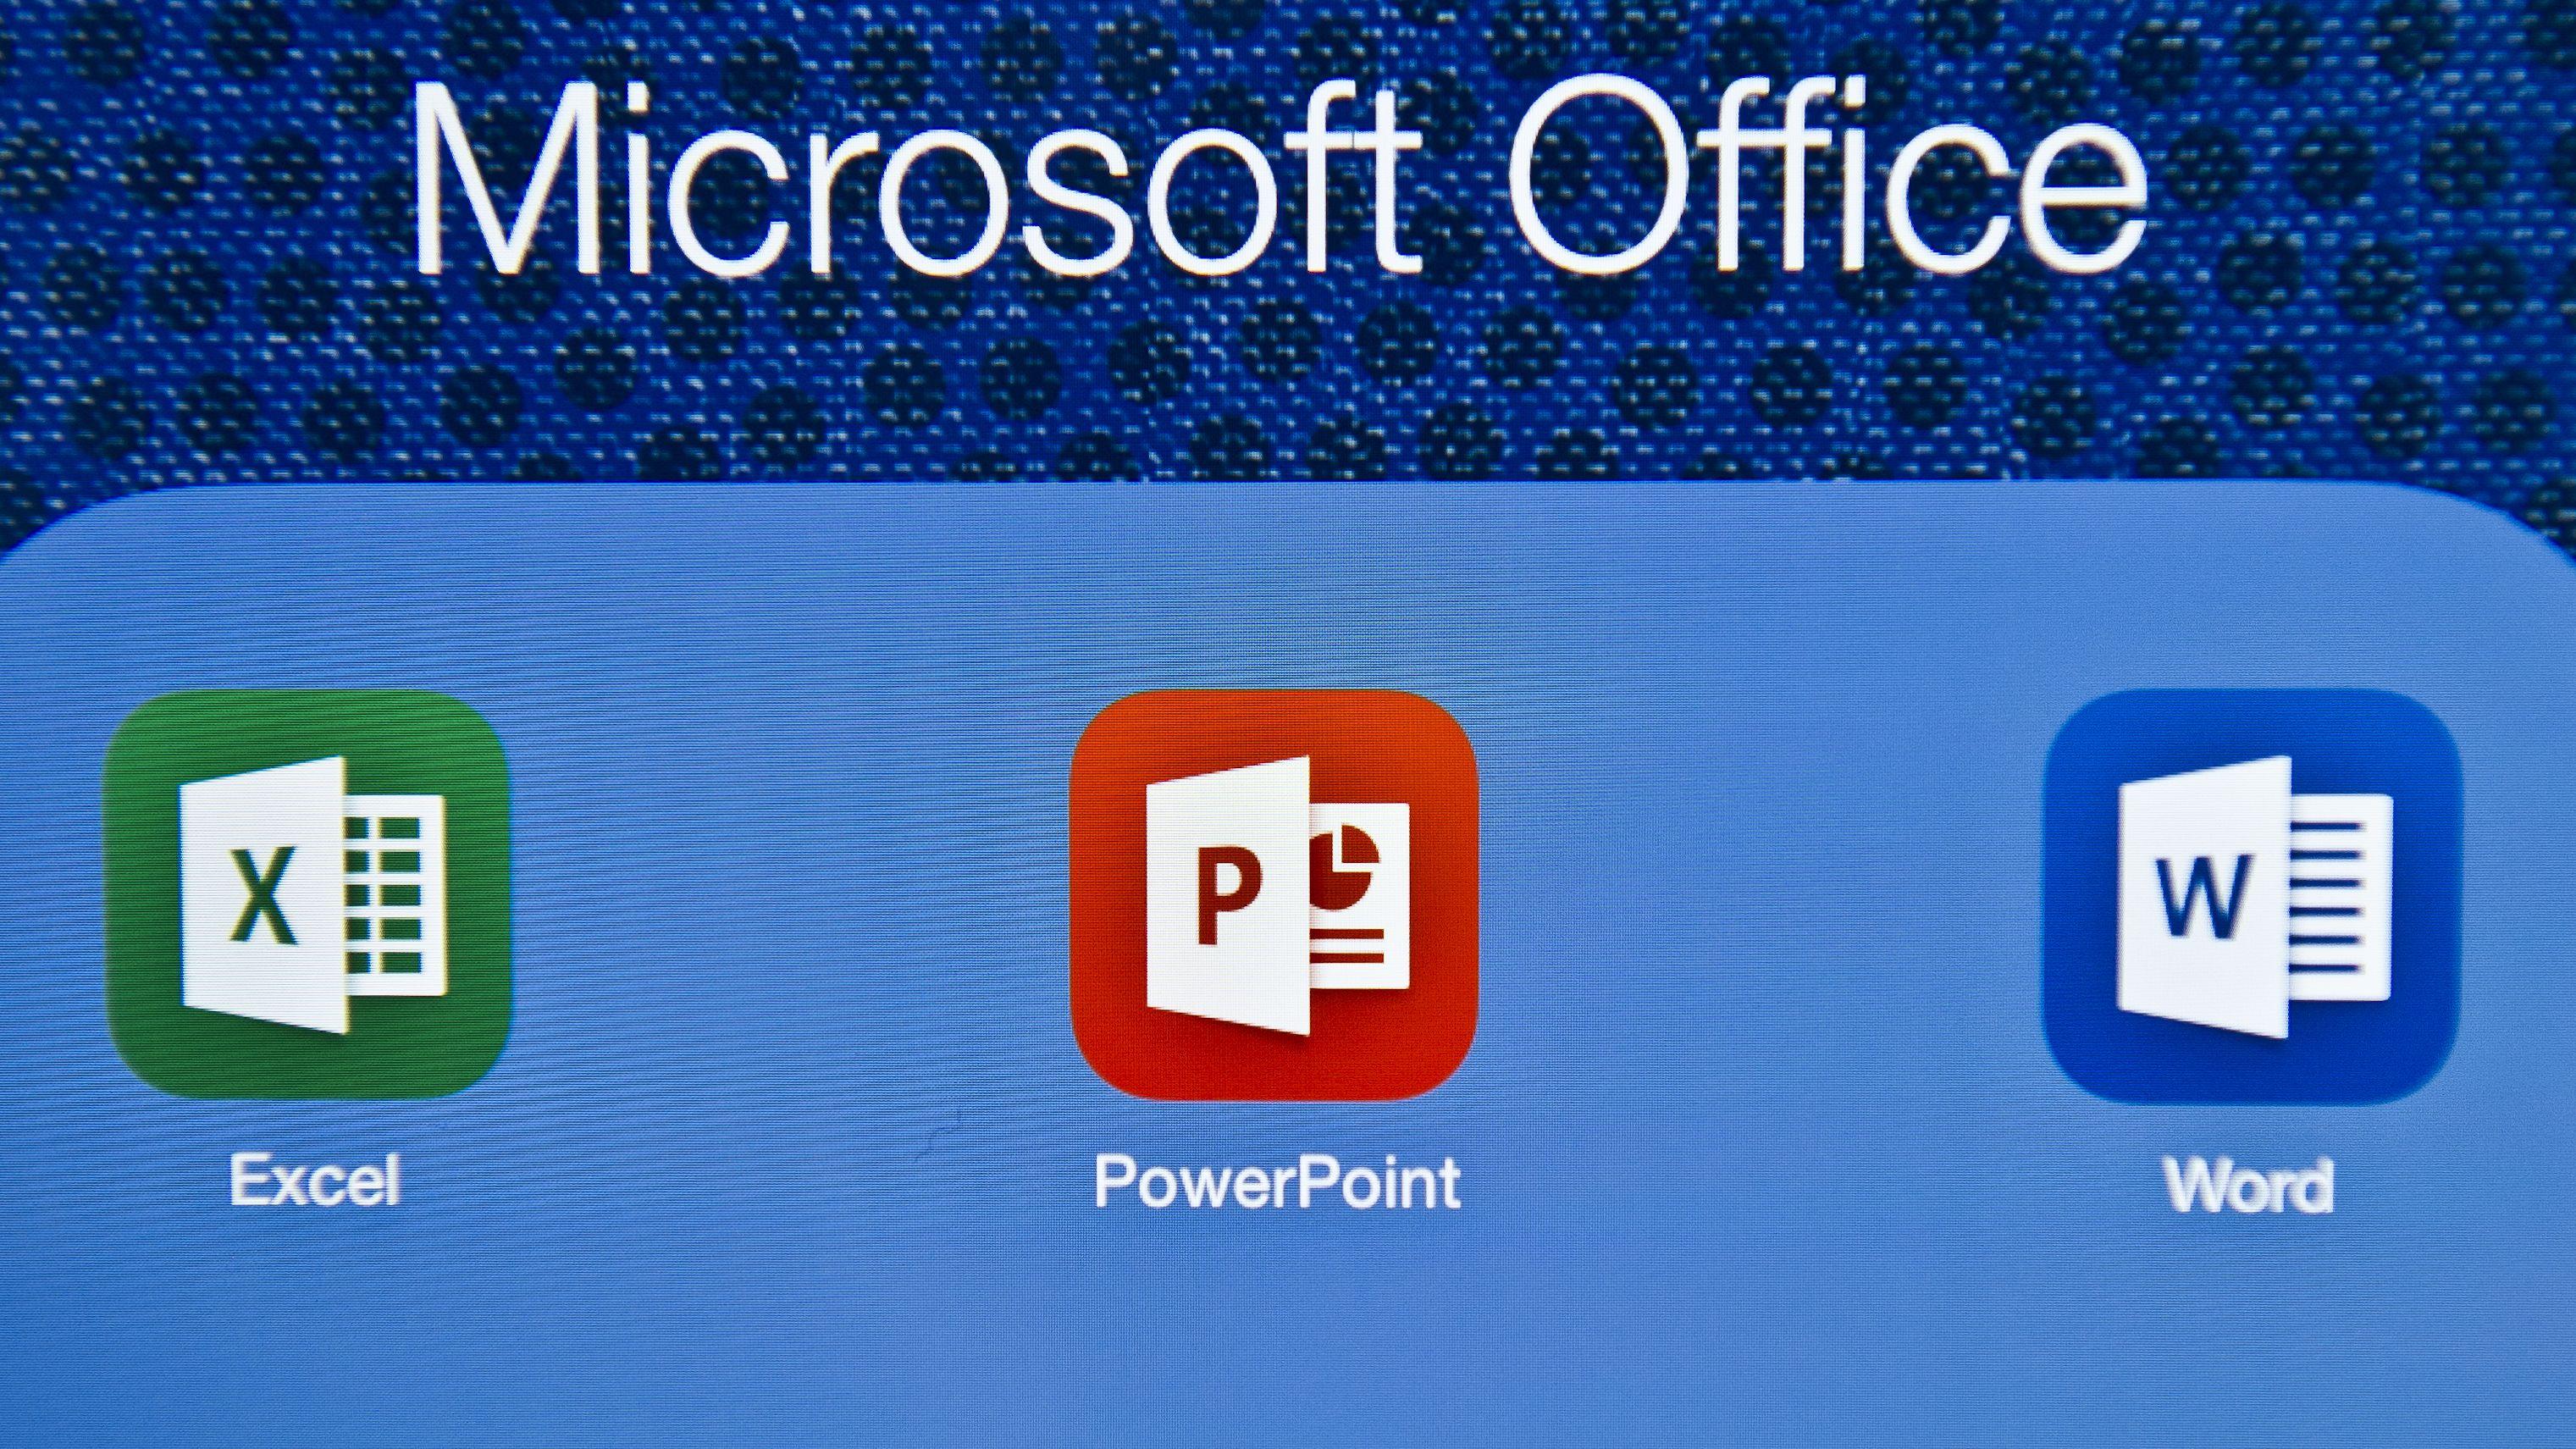 Die Logos von Excel, PowerPoint und Word.